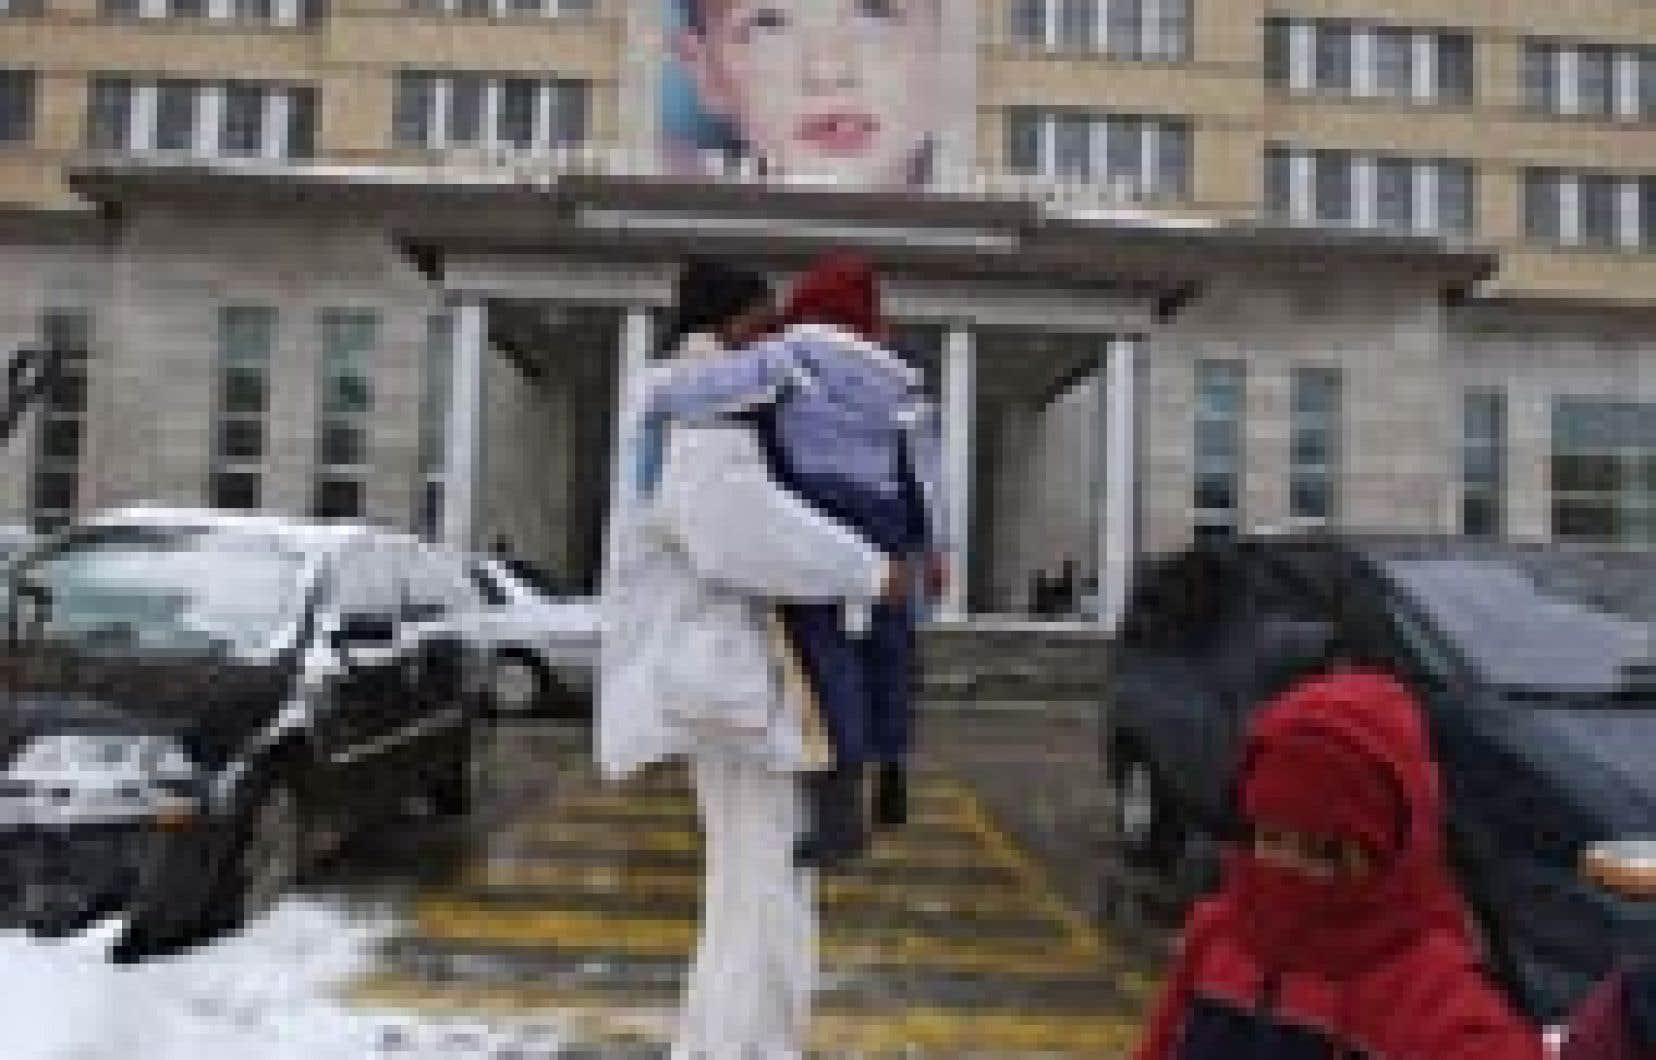 Au cours de l'hiver, l'hôpital Sainte-Justine a recueilli les consentements écrits des parents, qui ont donné leur feu vert pour permettre aux dossiers de leurs enfants de circuler dans le nouveau circuit informatique mis en place par l'hôpital